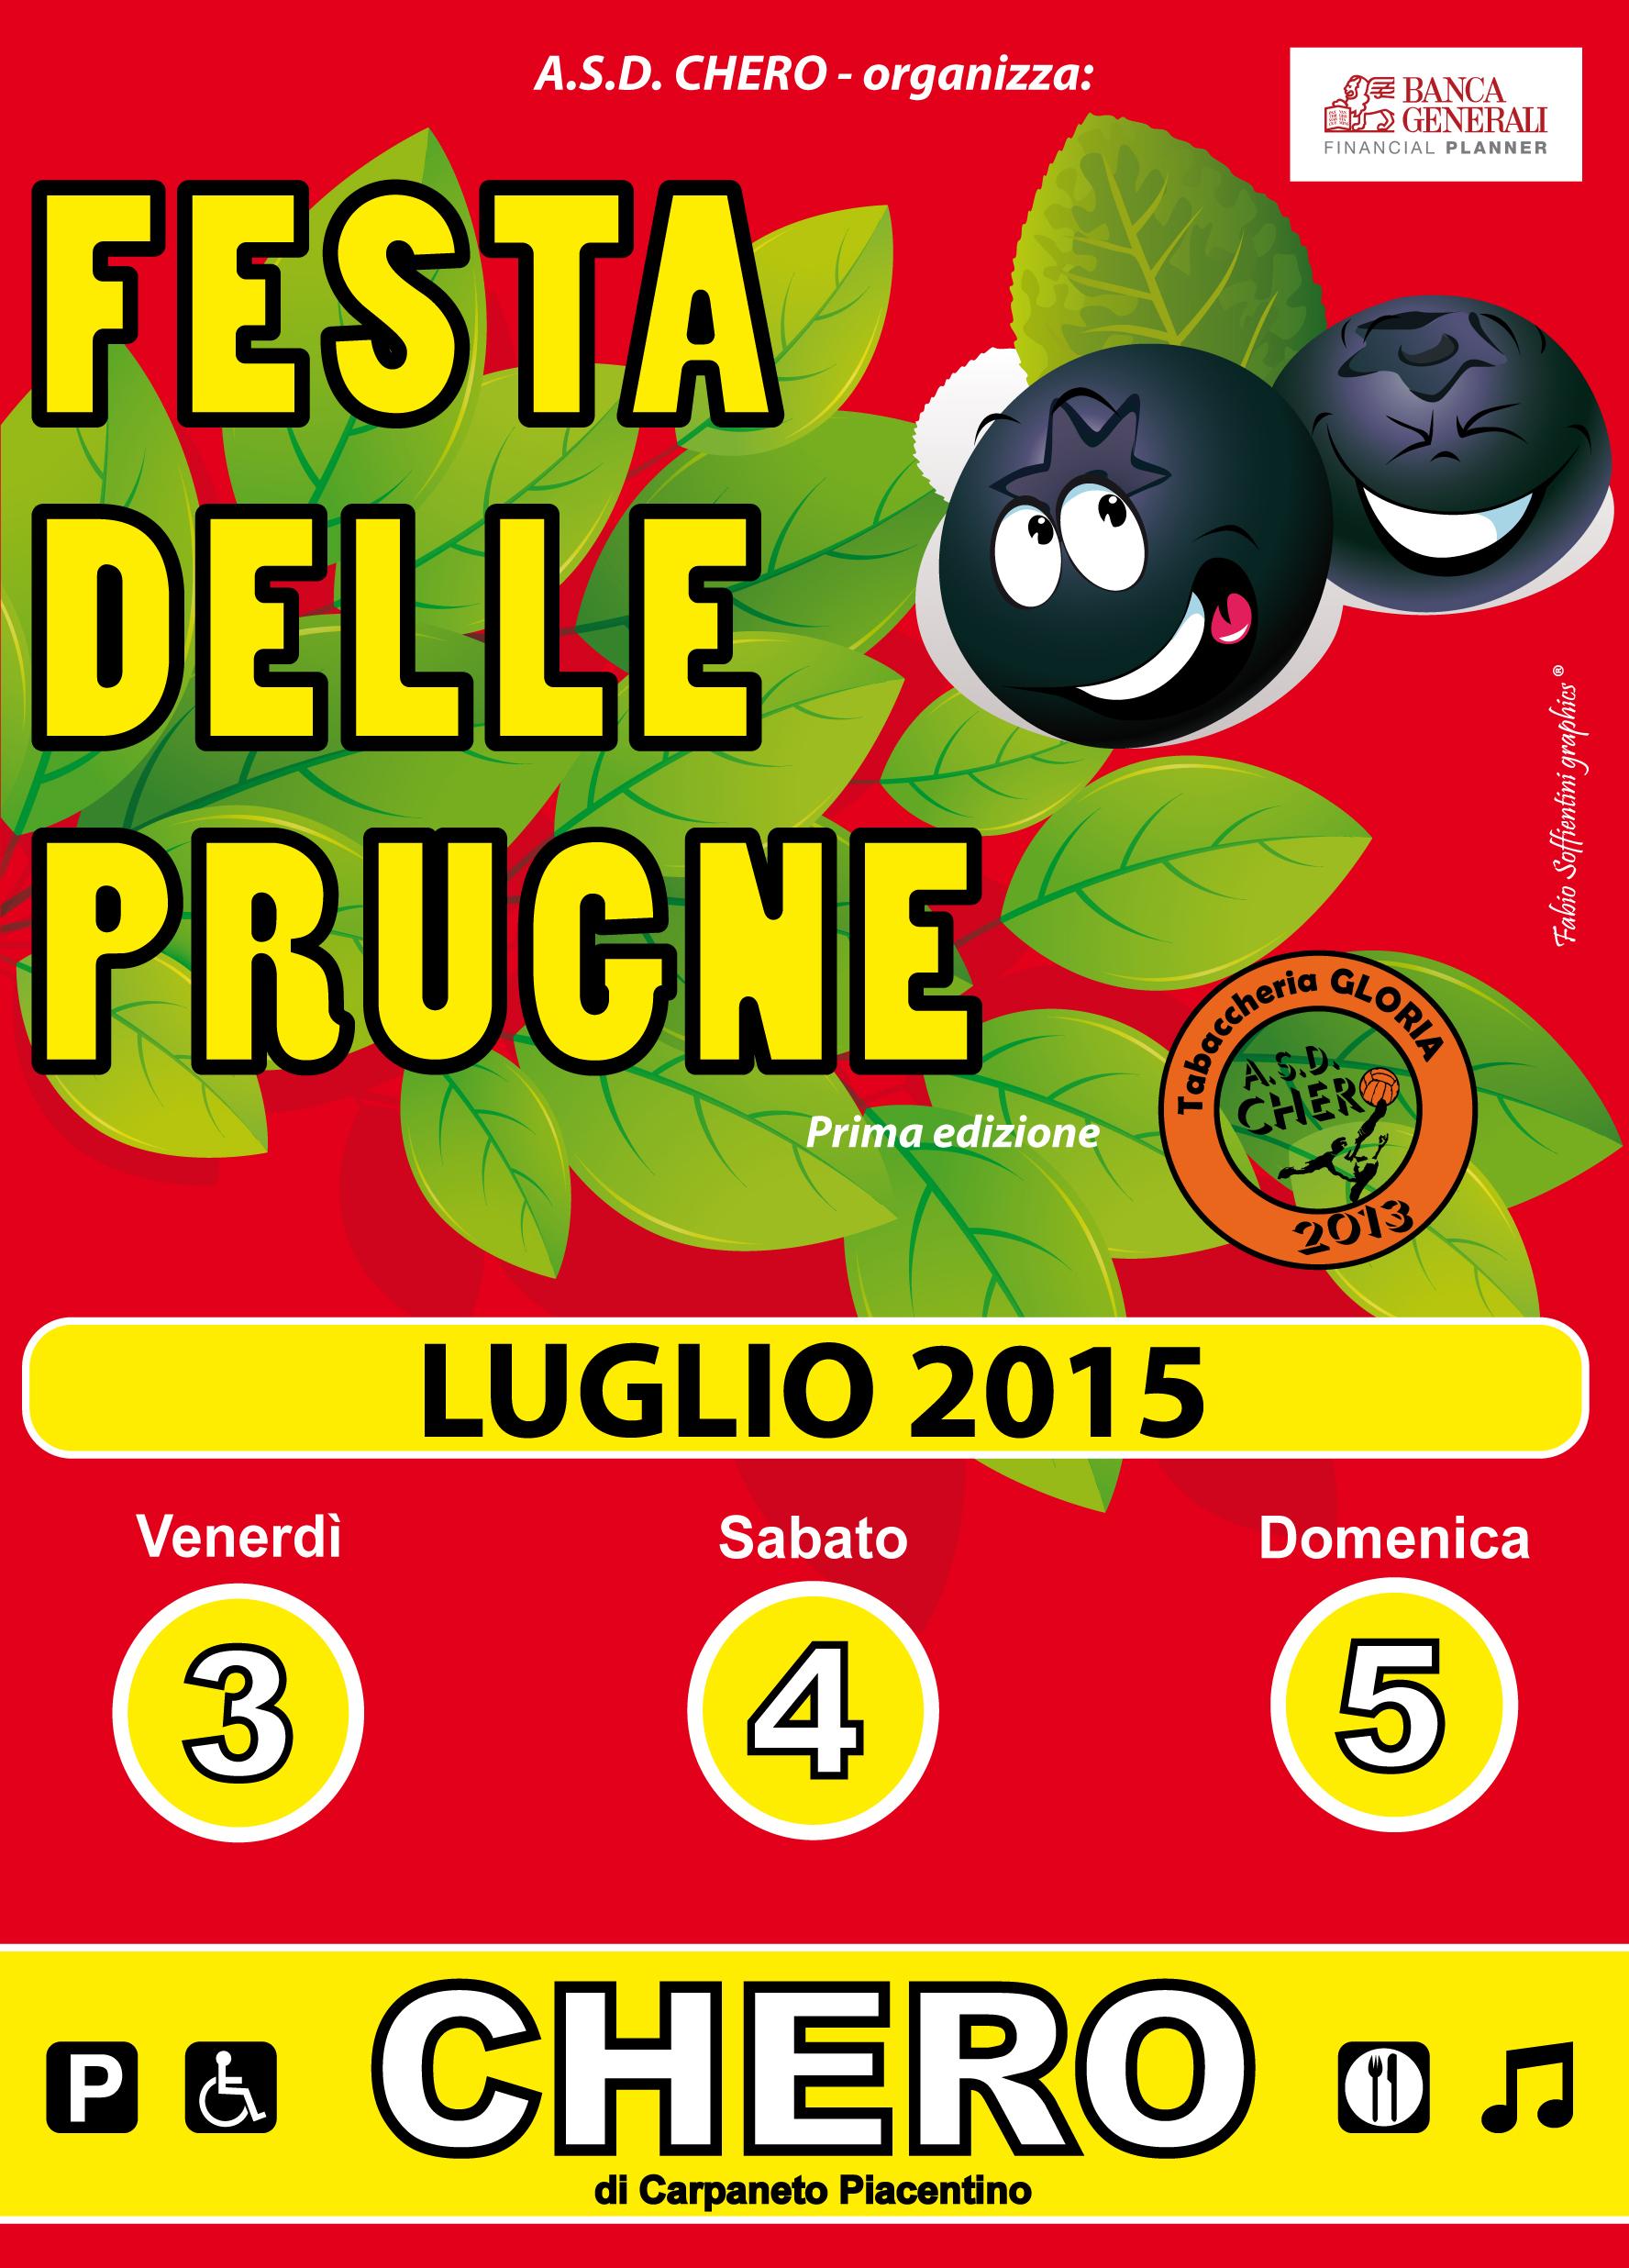 1° FAST PULLING CHERO - FESTA DELLE PRUGNE - Sabato 4 Luglio 2015 // Notturna